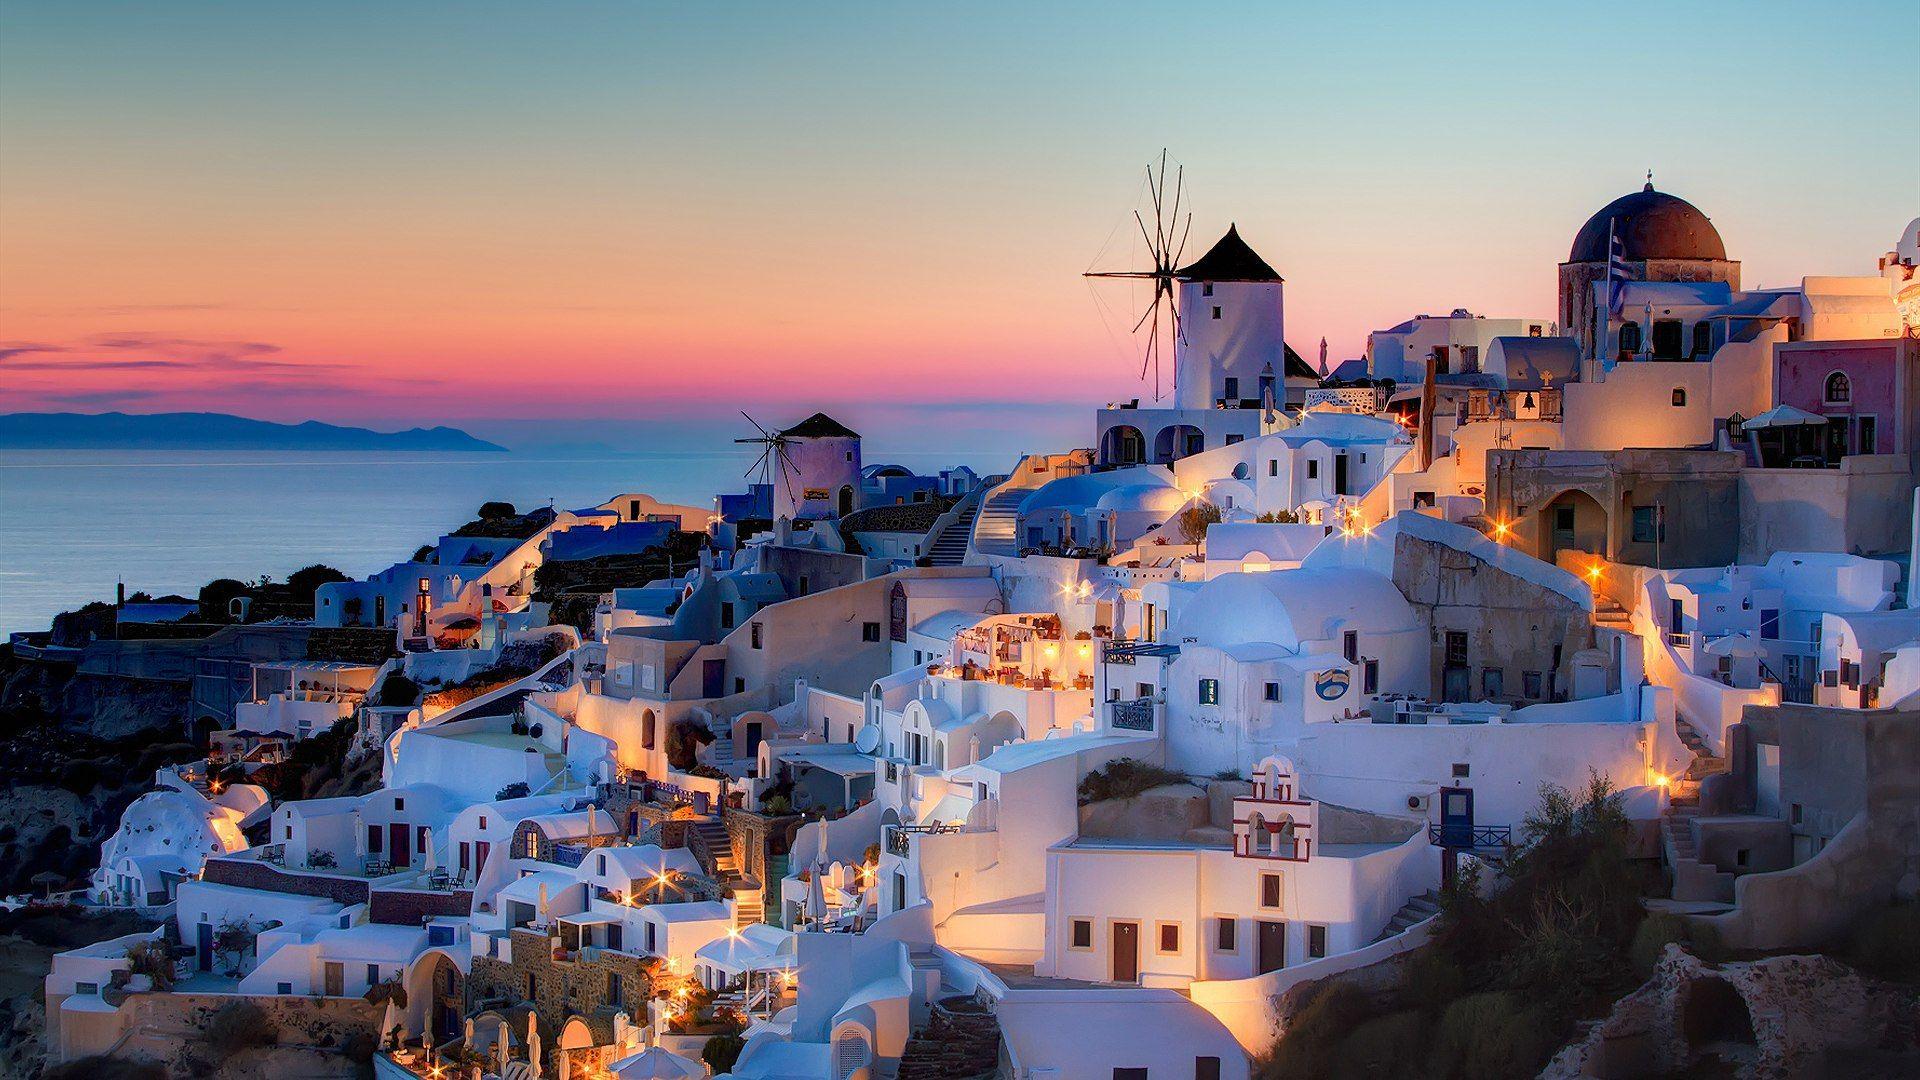 Santorini hd wallpaper download